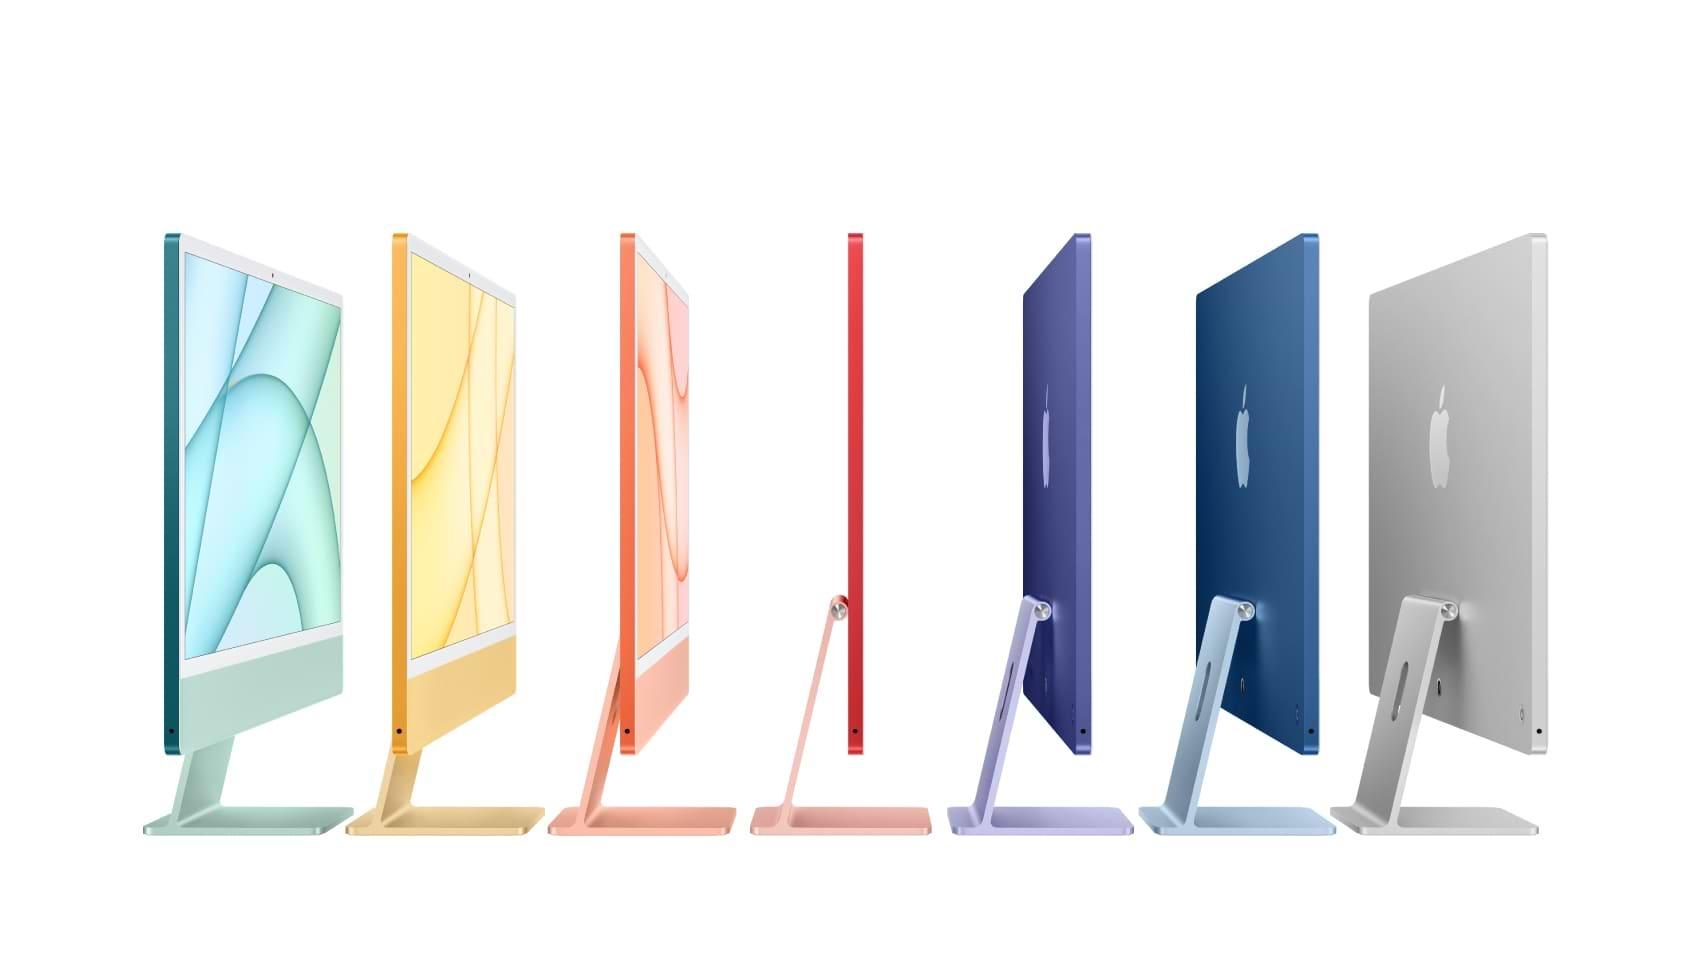 בחרו את ה-iMac שלכם!